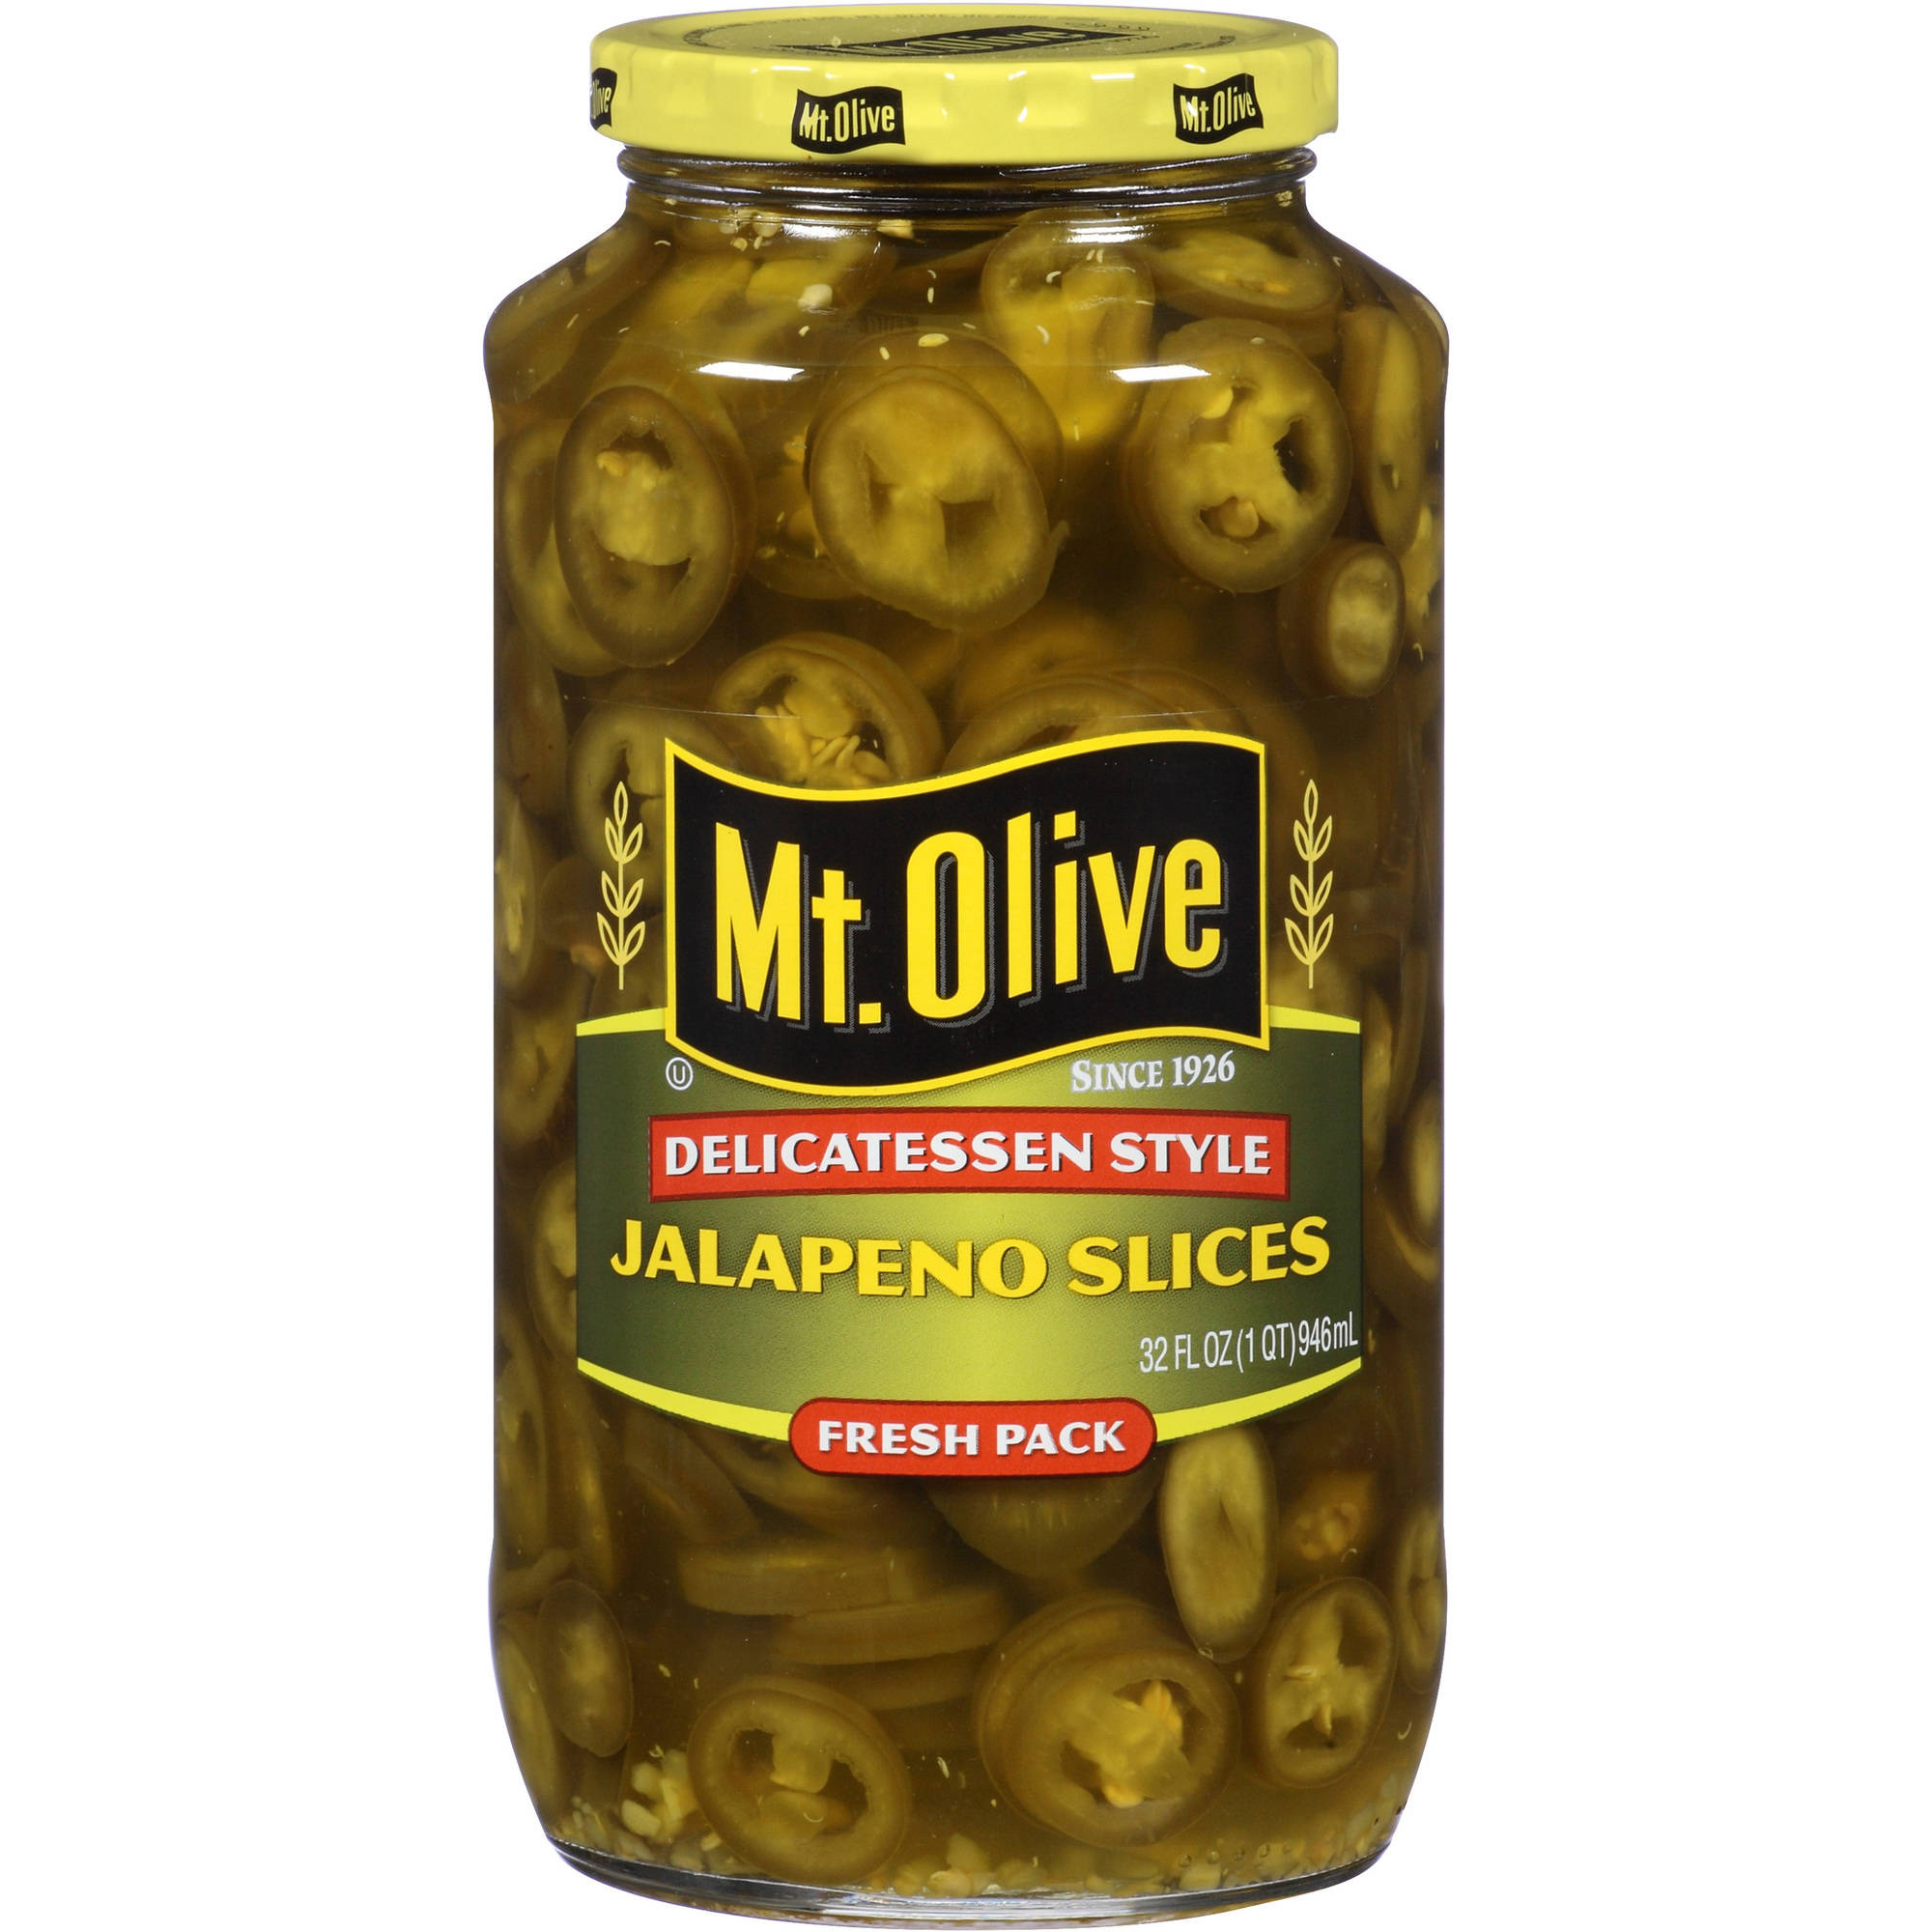 Mt. Olive Jalapeno Slices, 32 fl oz